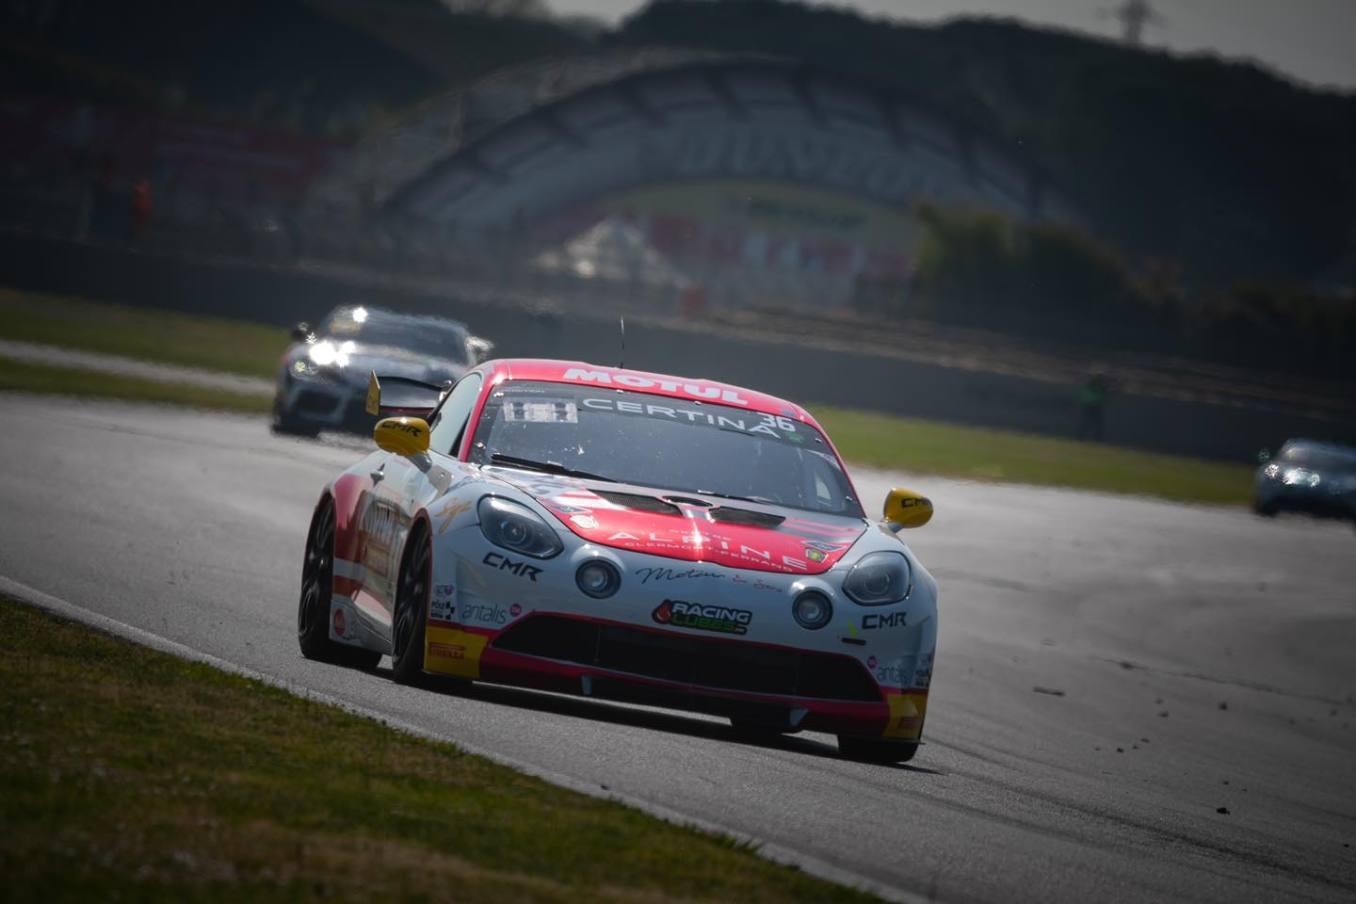 CMR Alpine A110 GT4 Prost Servol 4 | Alpine A110 GT4 : Victoire de Castelli et Wallgrenn pour les Coupes de Pâques à Nogaro